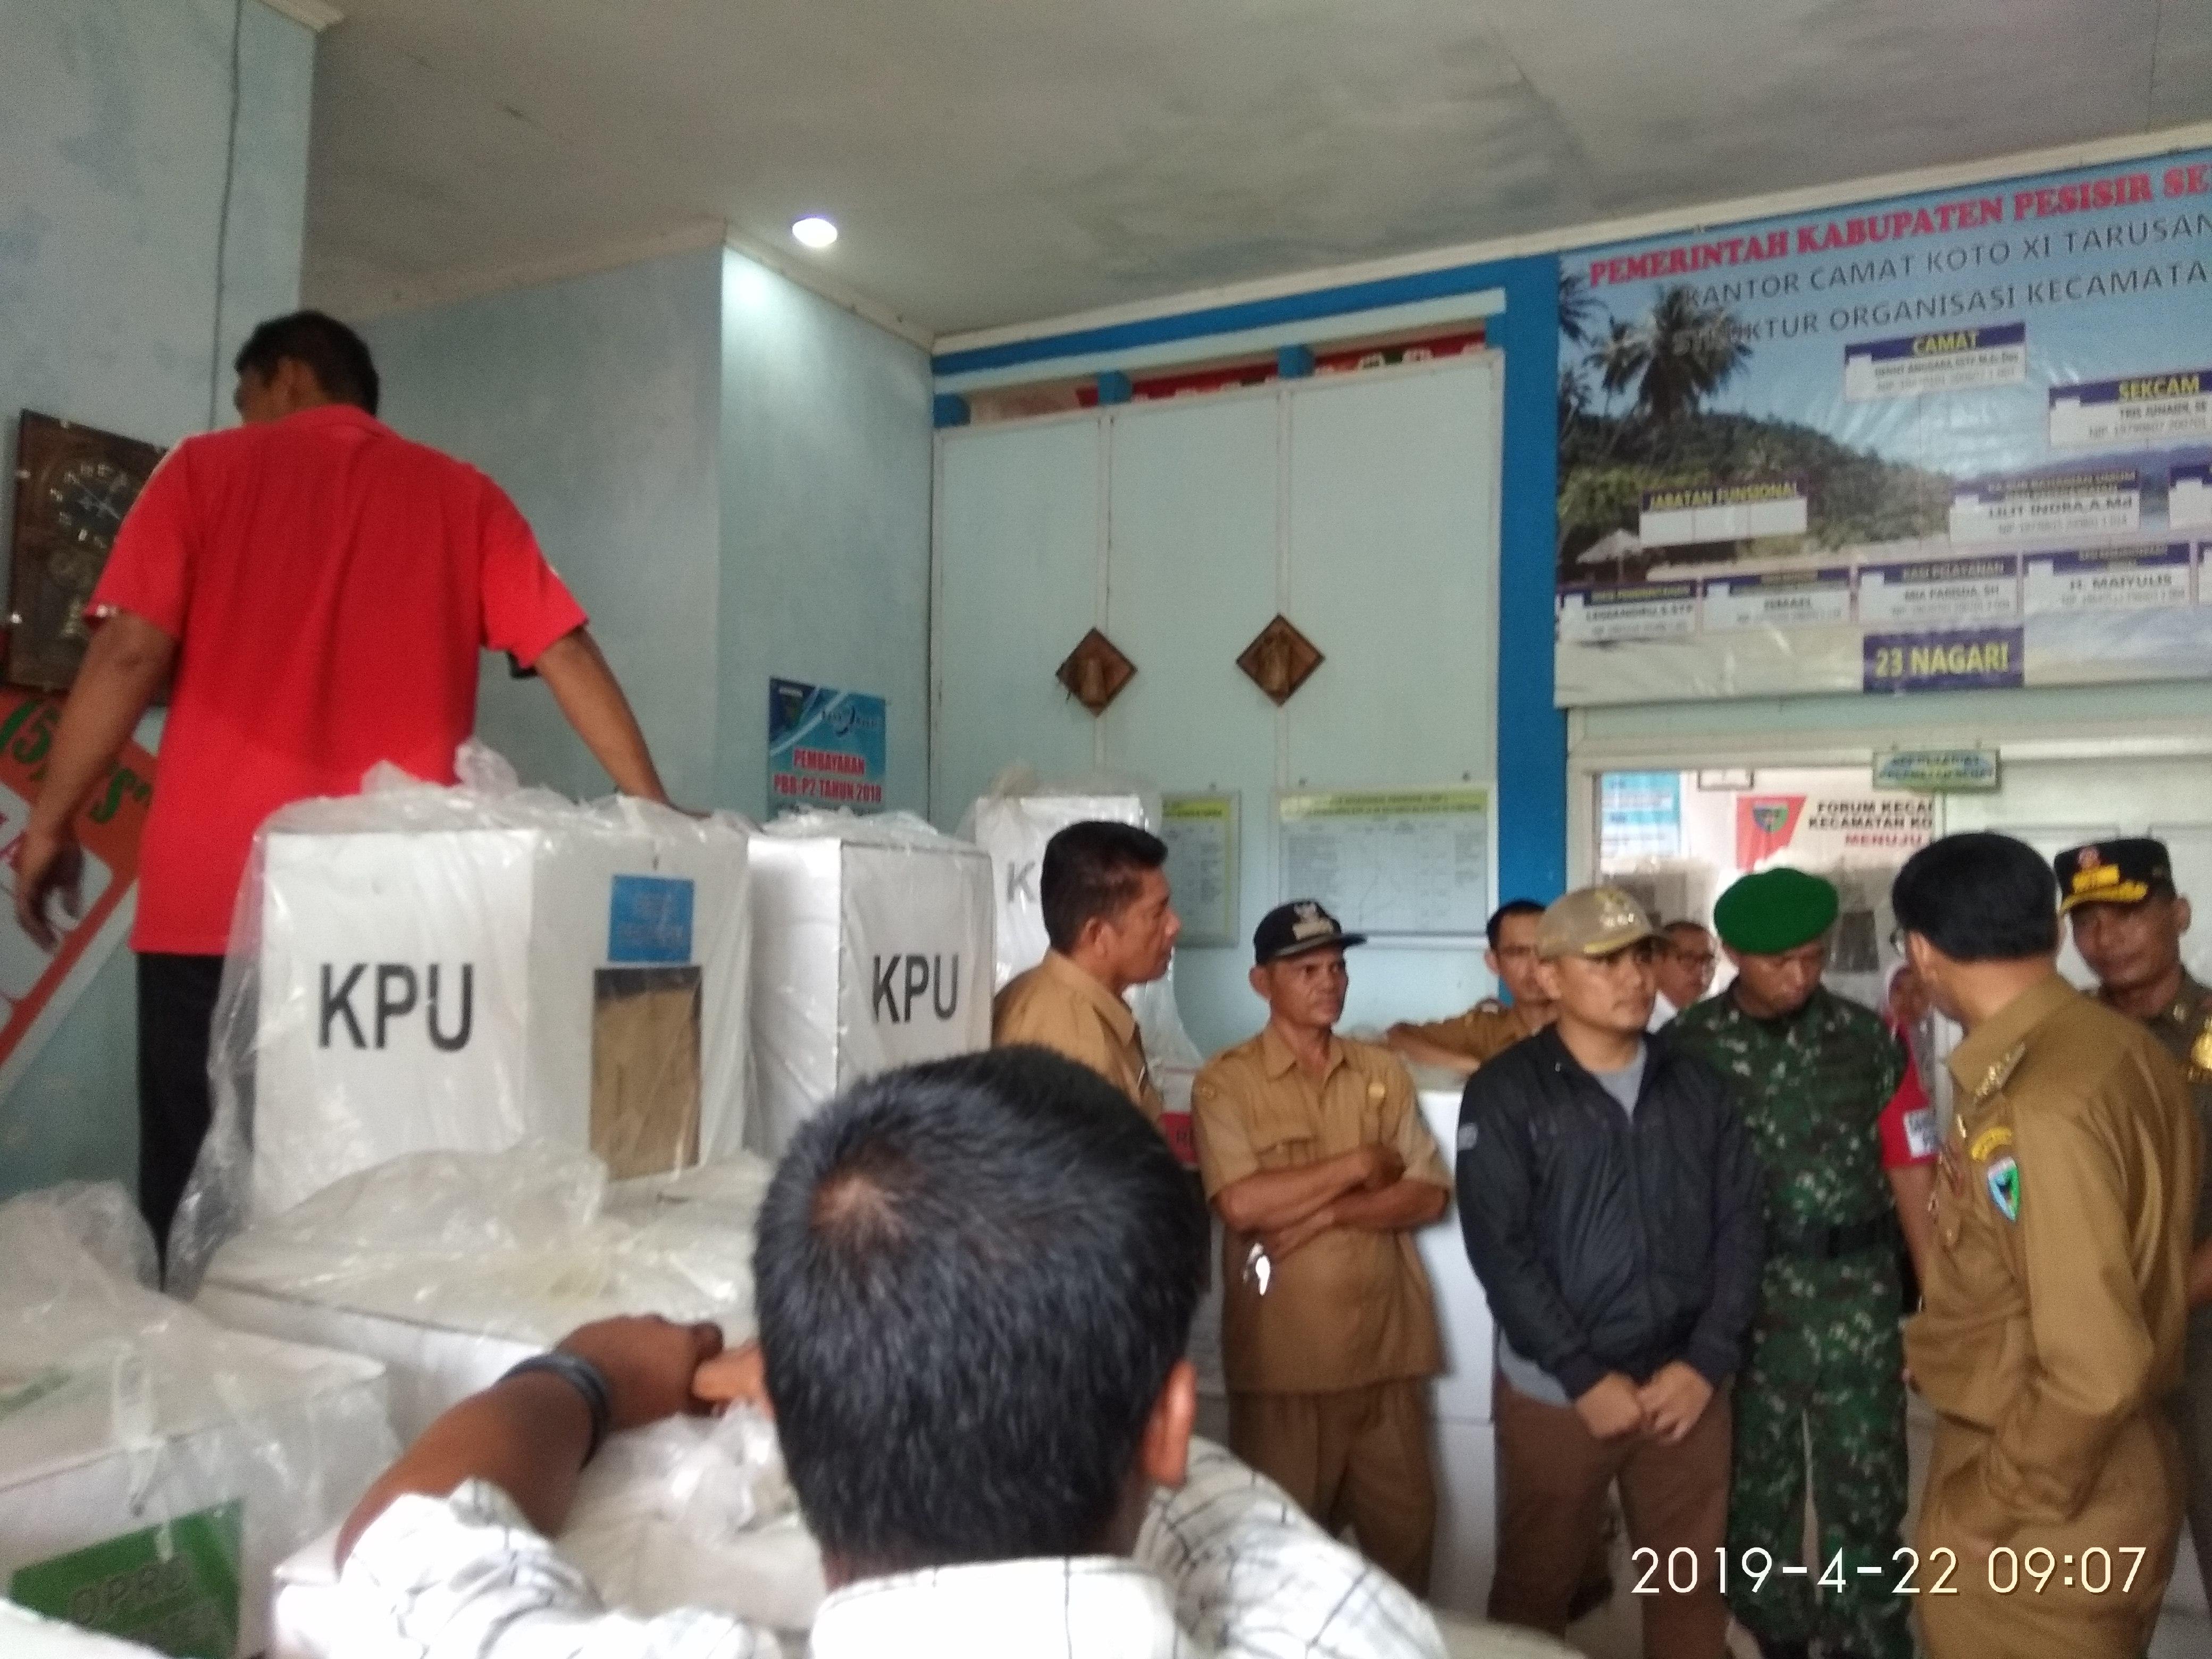 Gudang logistik Pemilu di Kecamatan Koto XI Tarusan terbakar